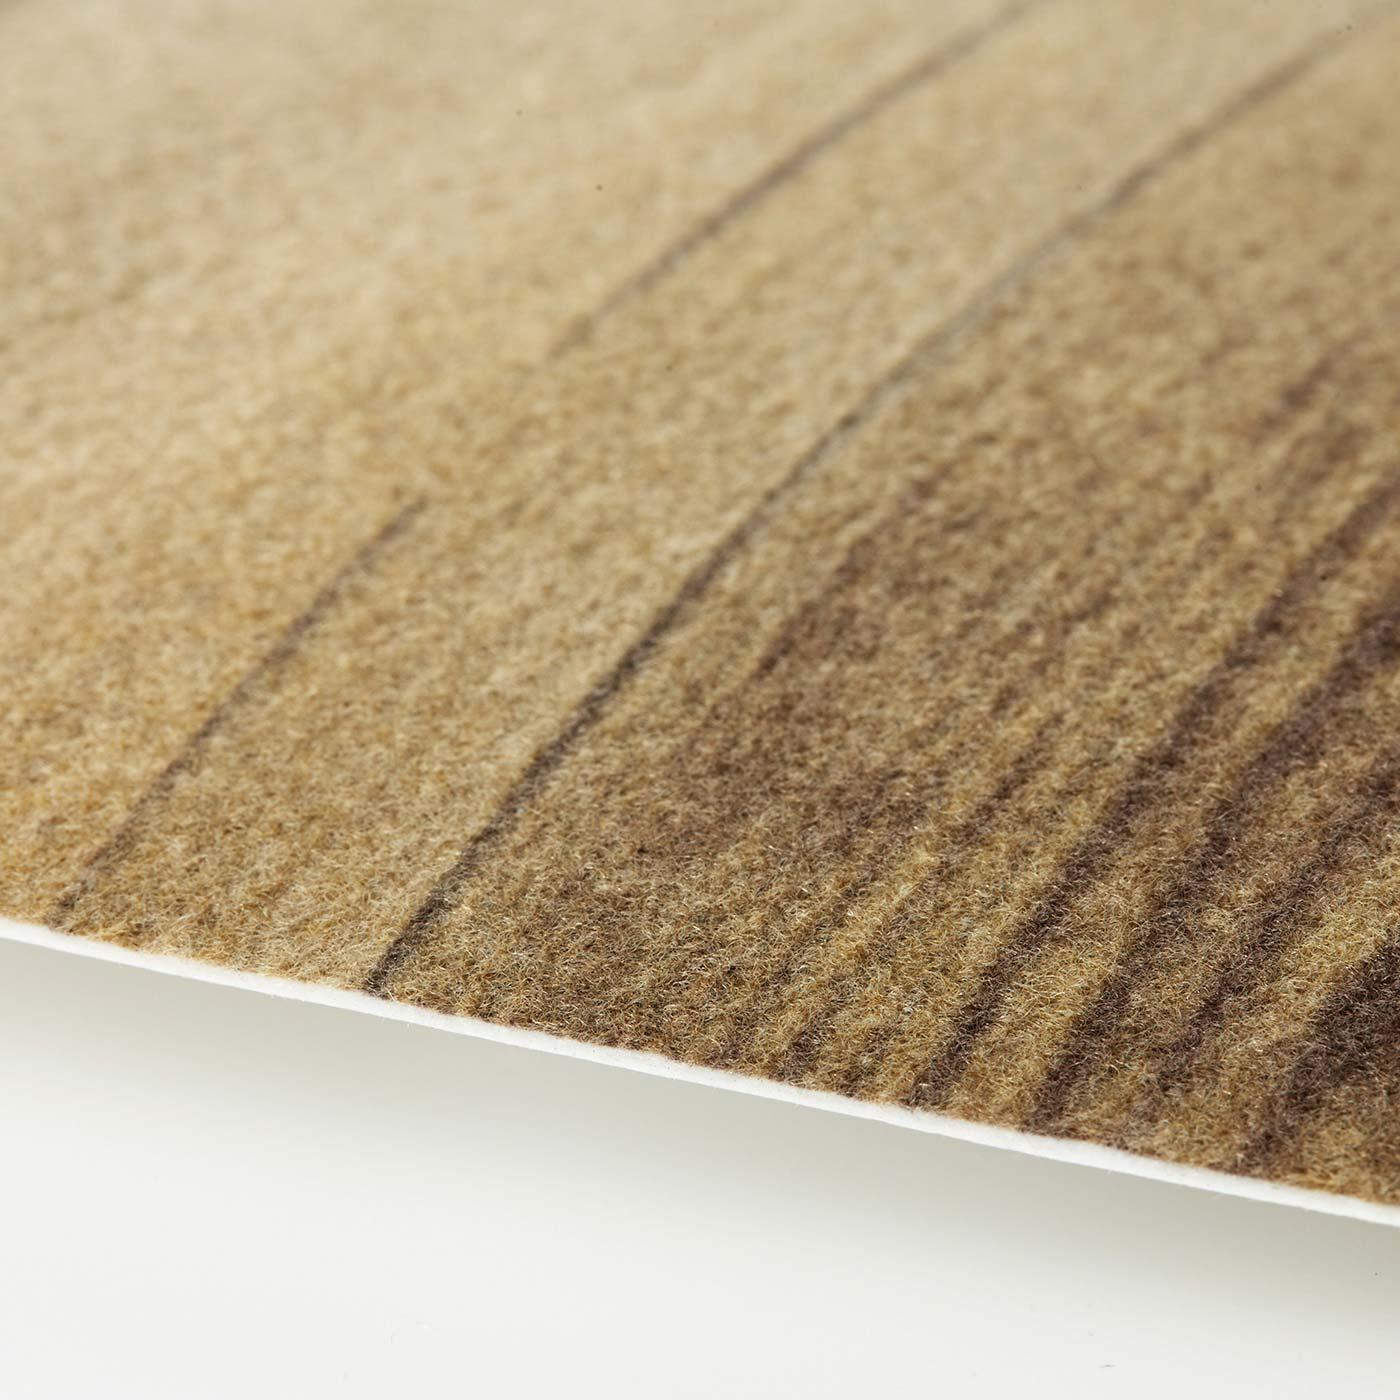 ふわふわの不織布素材が、水はねやほこりをキャッチ。汚れたら手洗いOK。